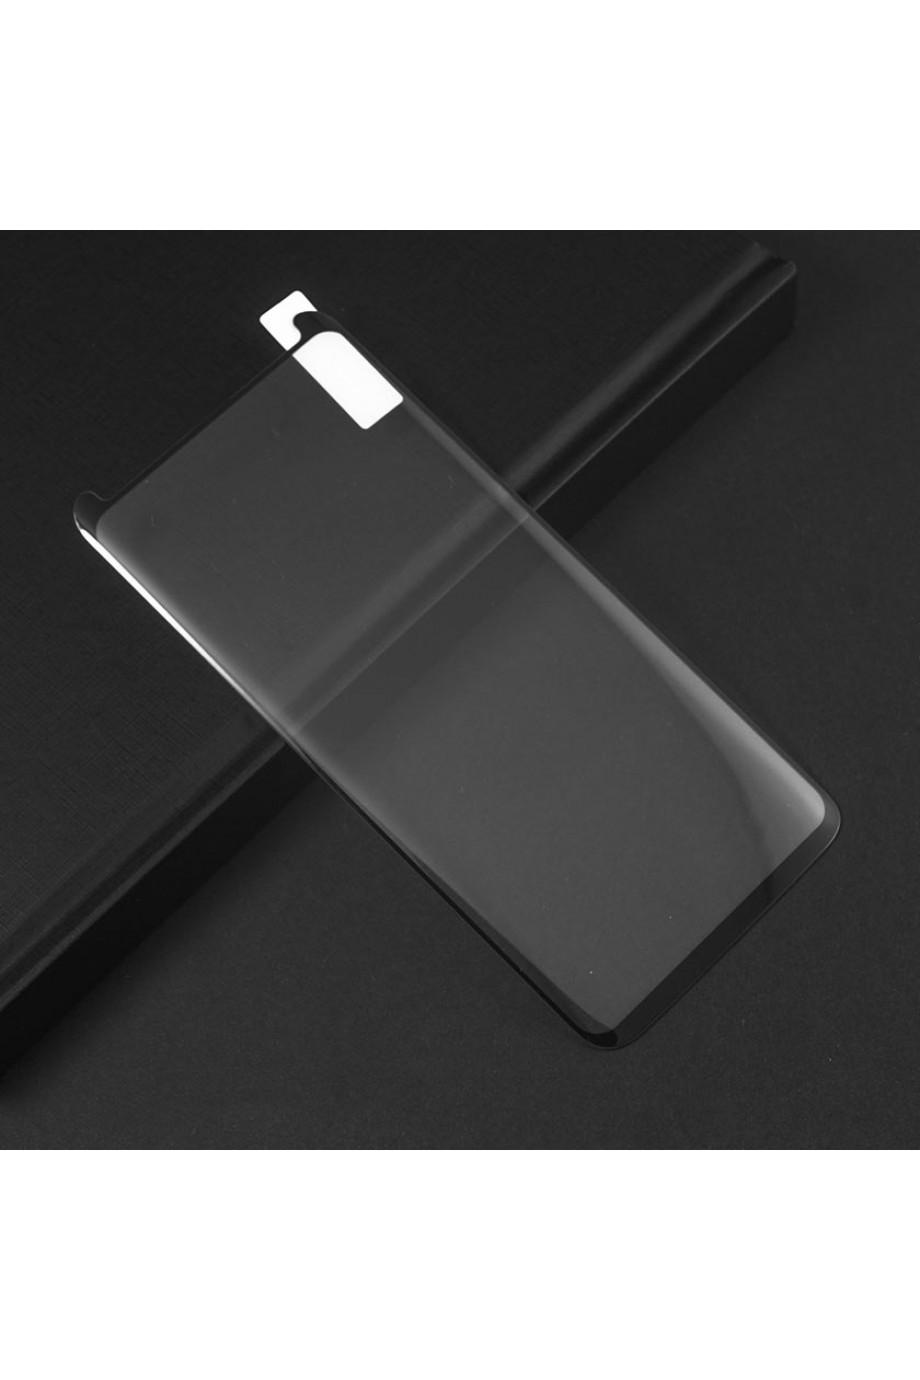 Защитное стекло 3D Mikomo для Samsung Galaxy S9, черная рамка, полный клей